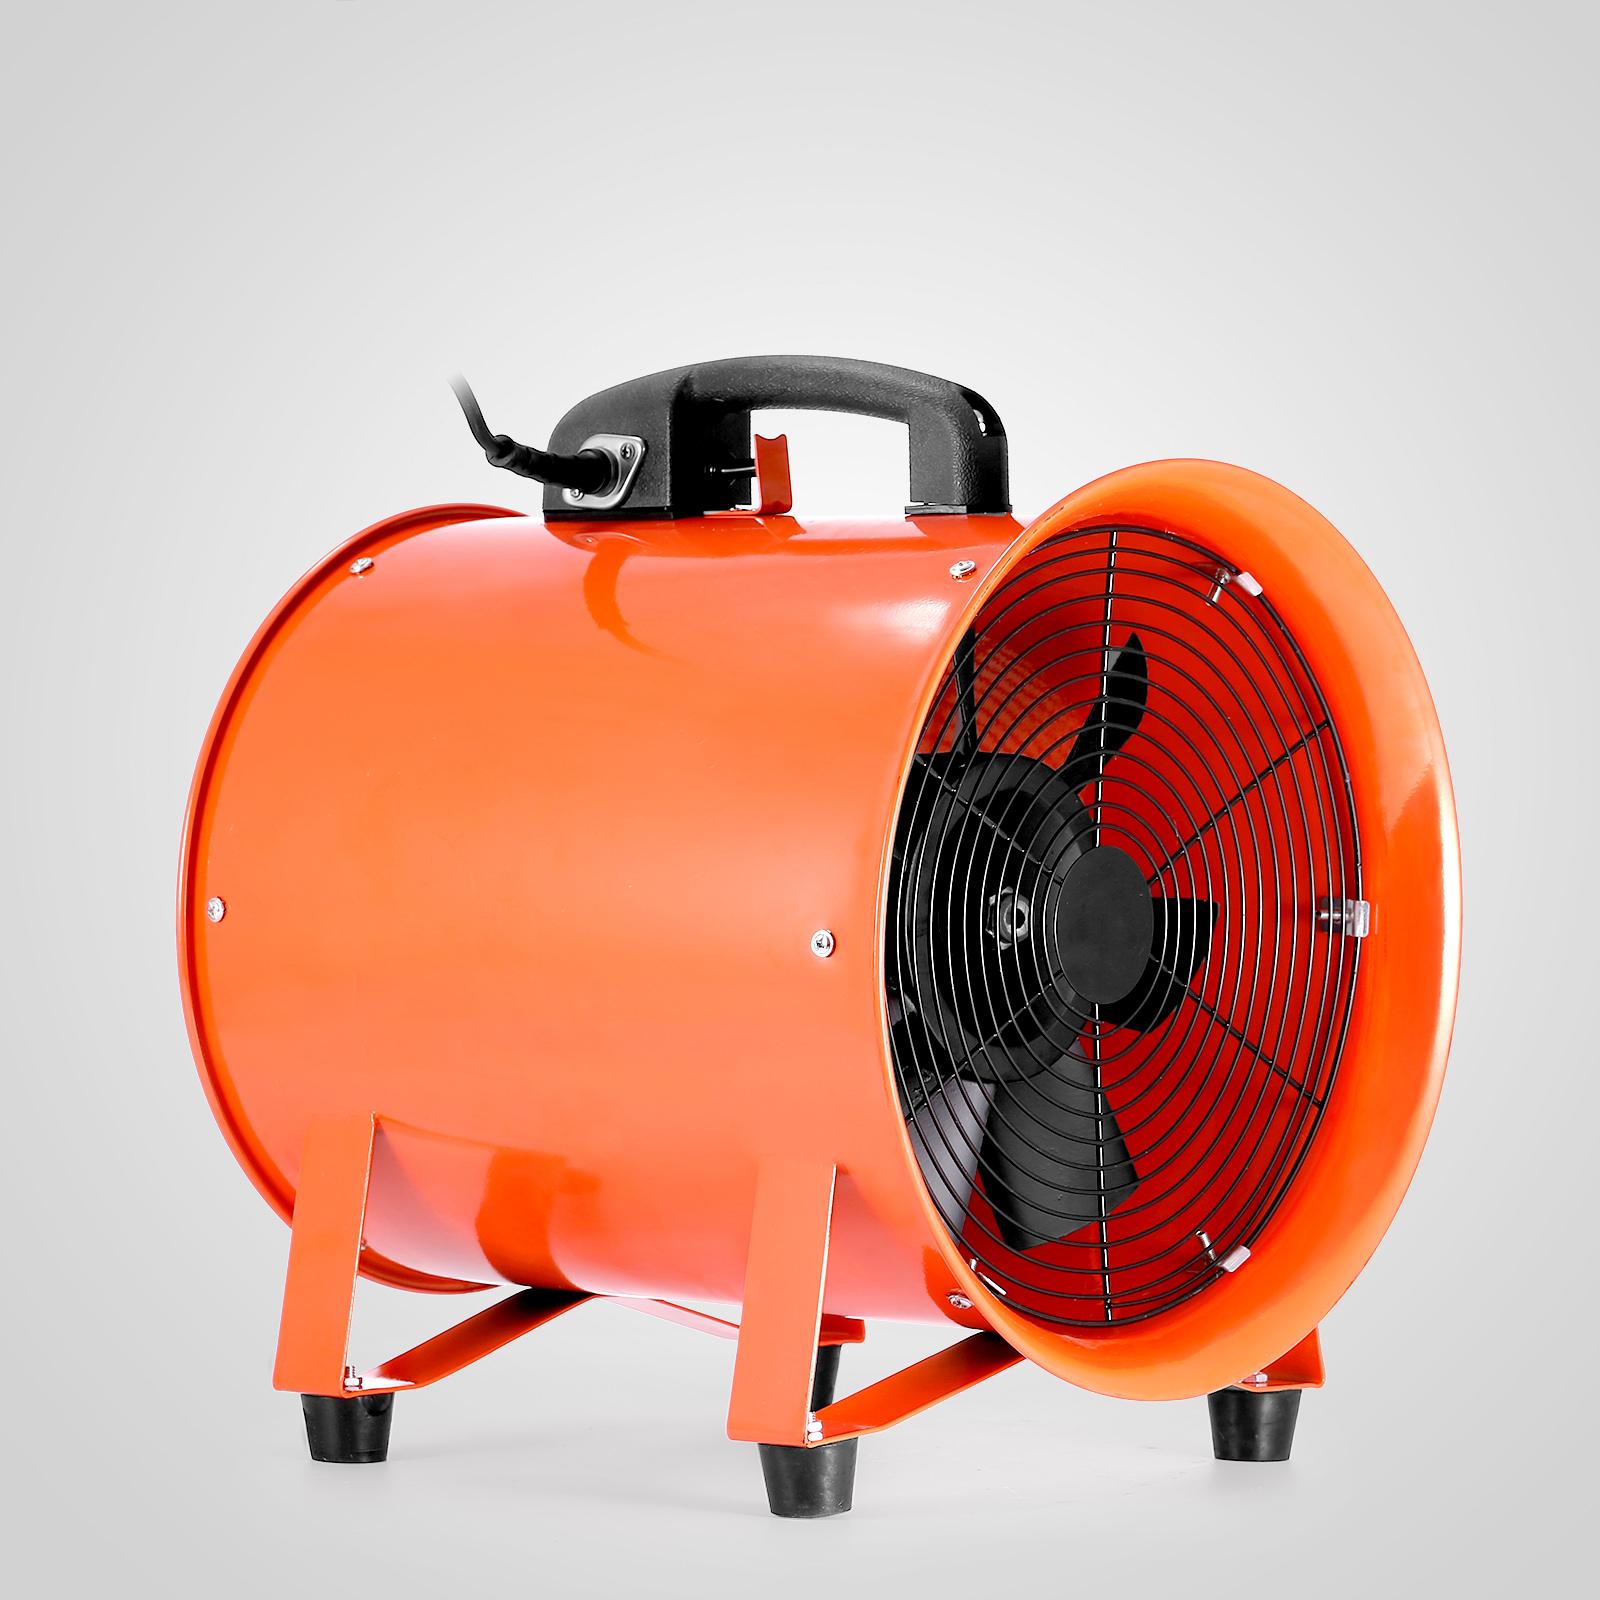 Hydraulic Blower Fans : Portable industrial ventilator axial blower workshop